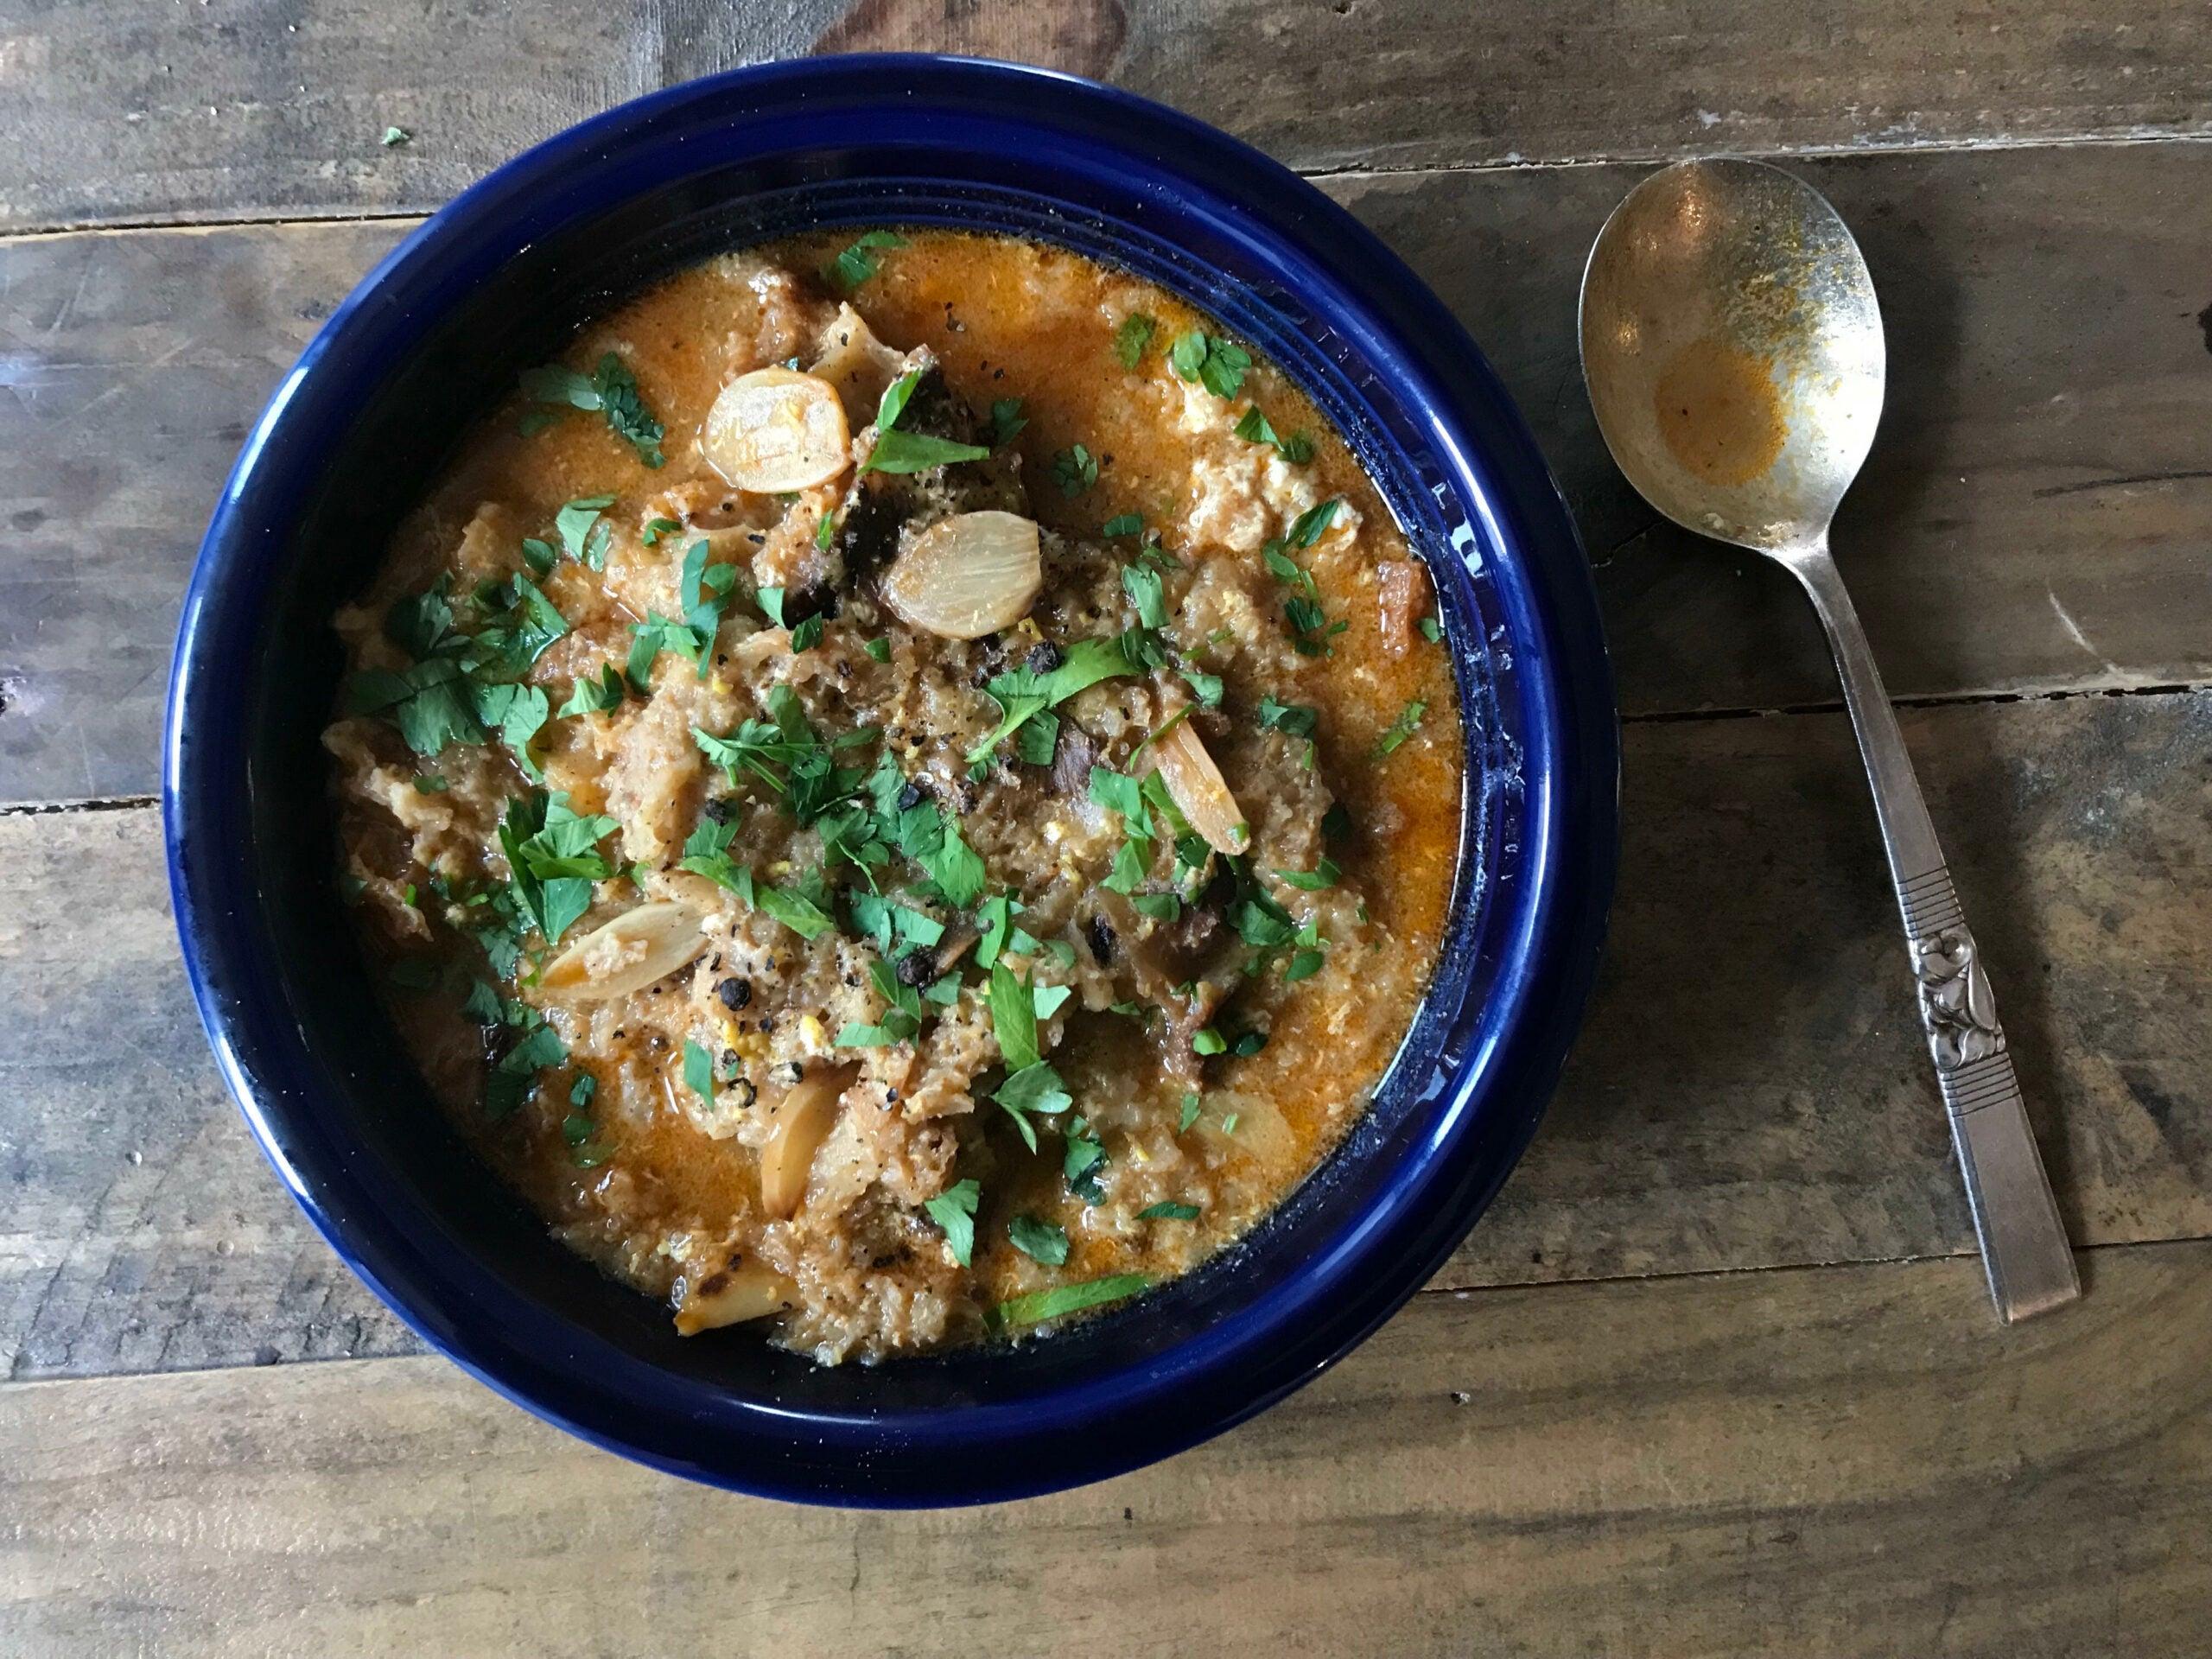 Sopa de Ajo (Castilian Garlic and Bread Soup)